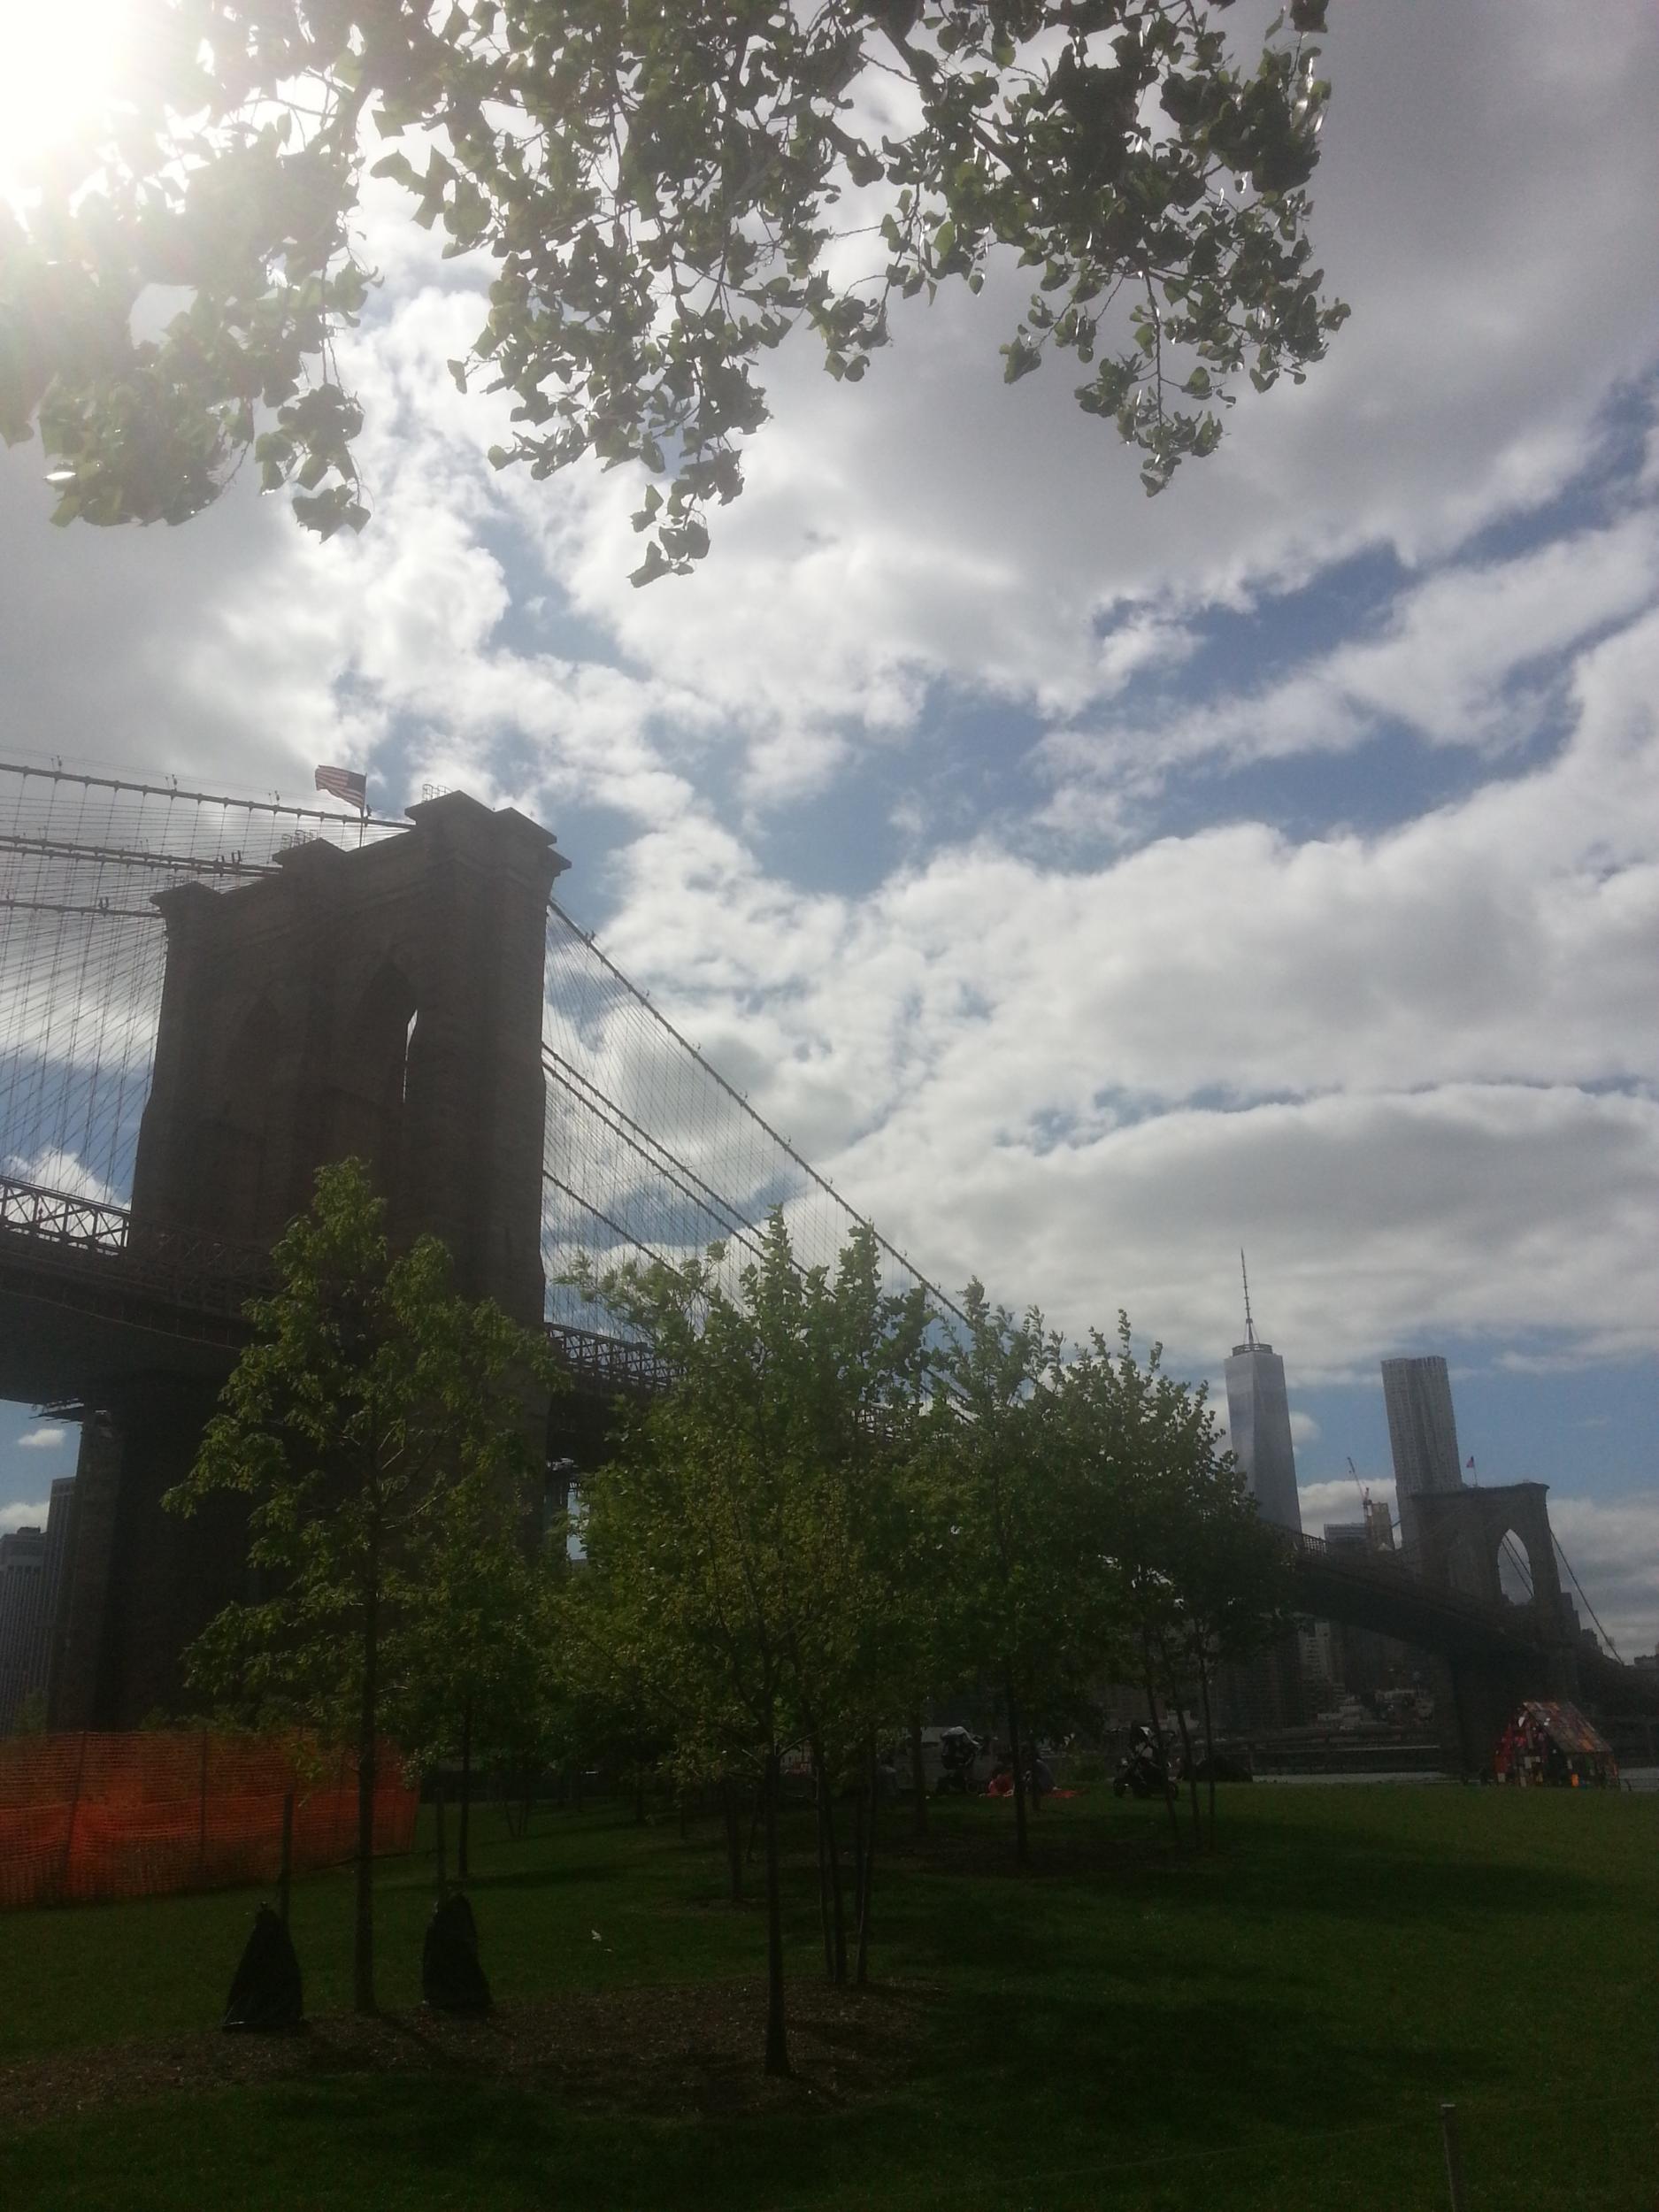 Yeah, the same Brooklyn Bridge you've seen before...